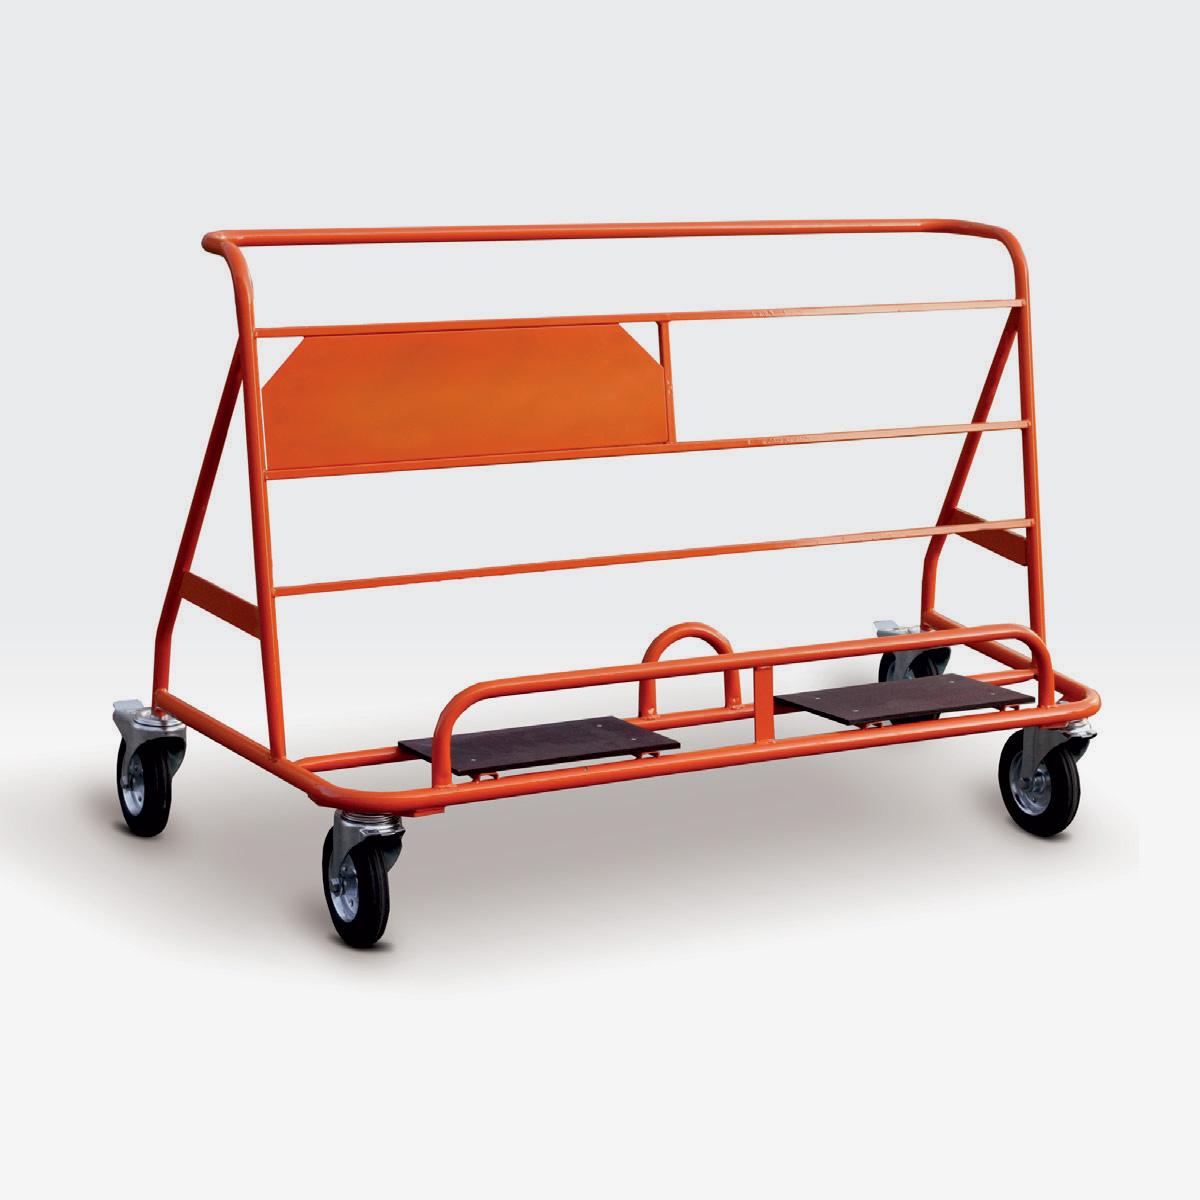 Carrello per panneli CARRY WP4 arancione